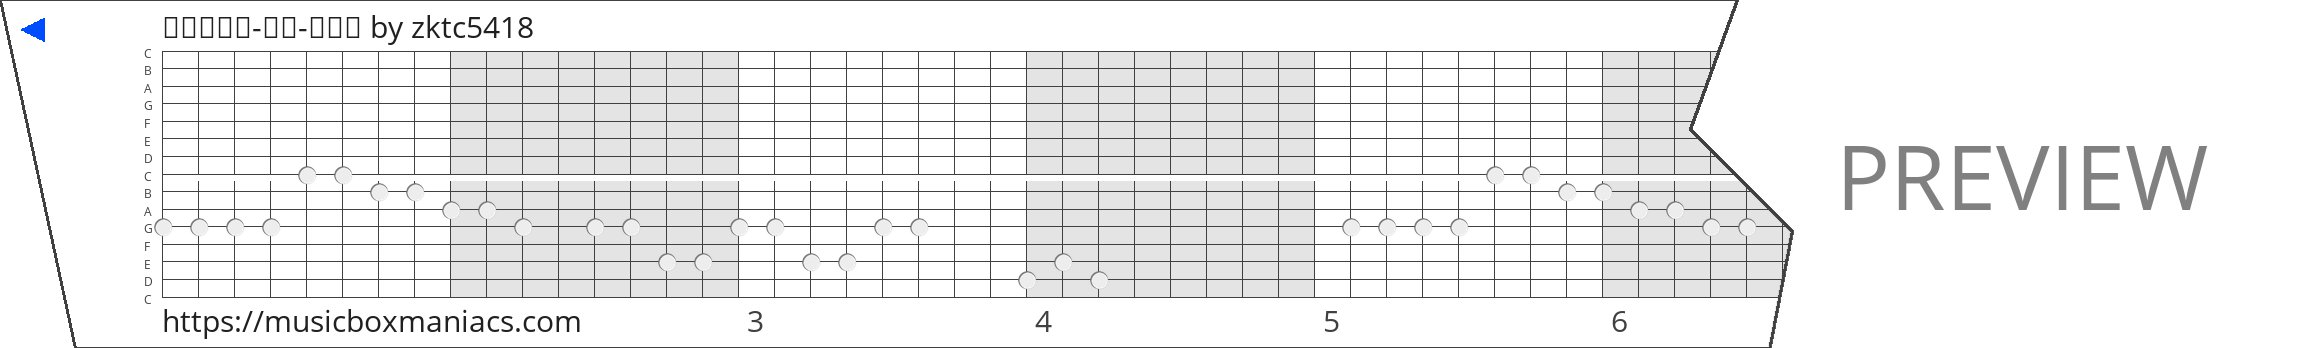 爱在西元前-流行-周杰伦 15 note music box paper strip